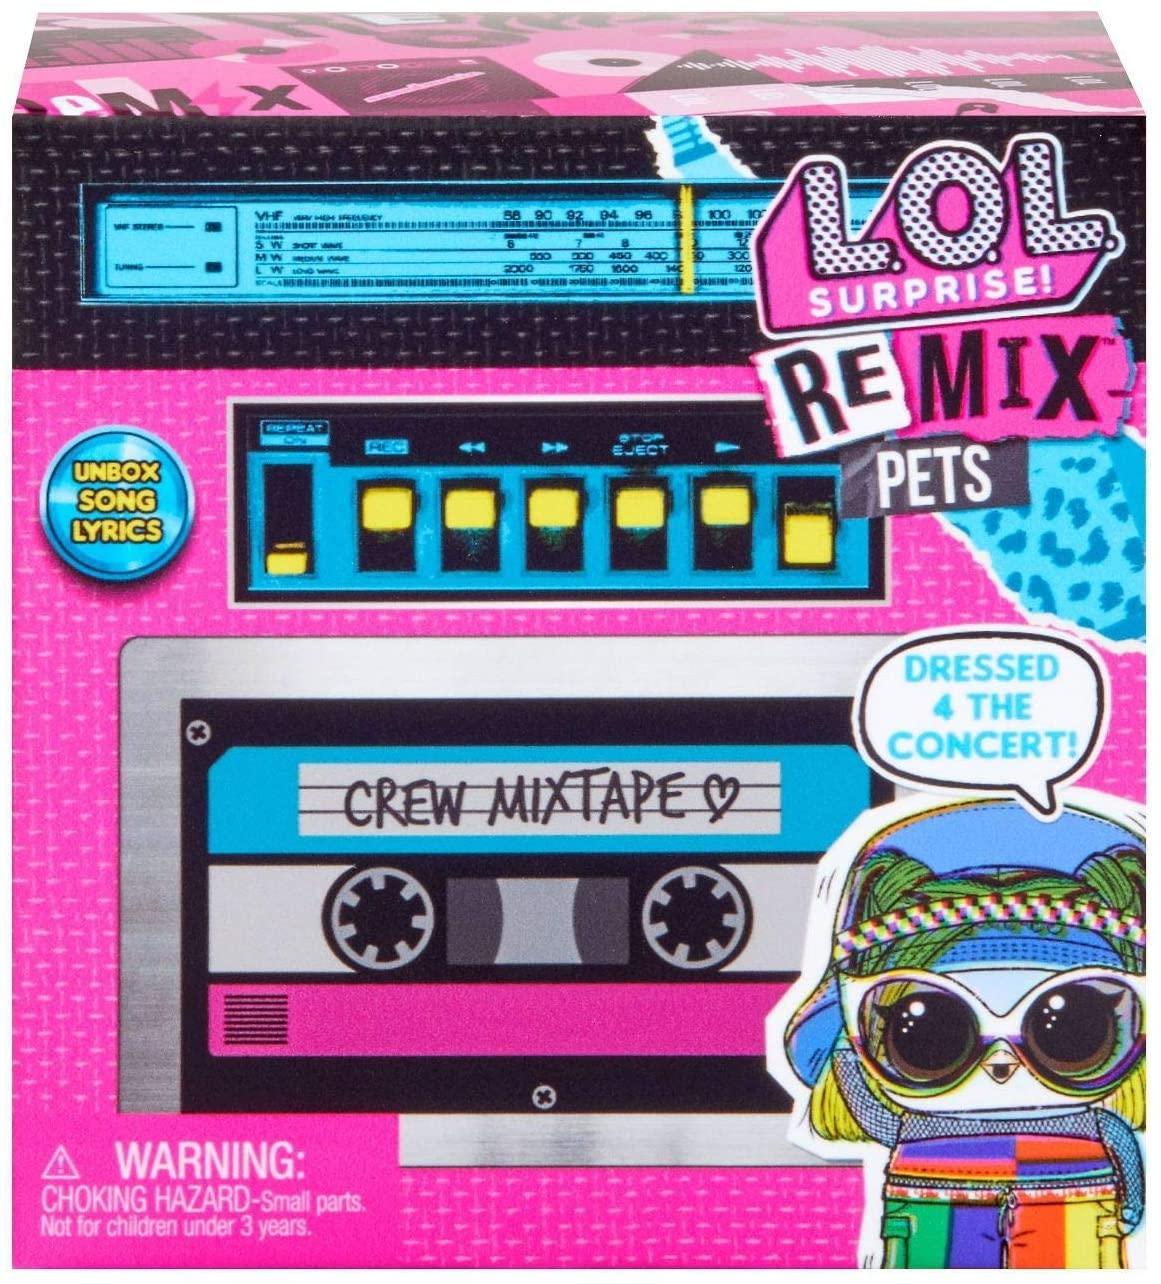 LOL Suprise Remix Hairflip Pets - Candide 8956